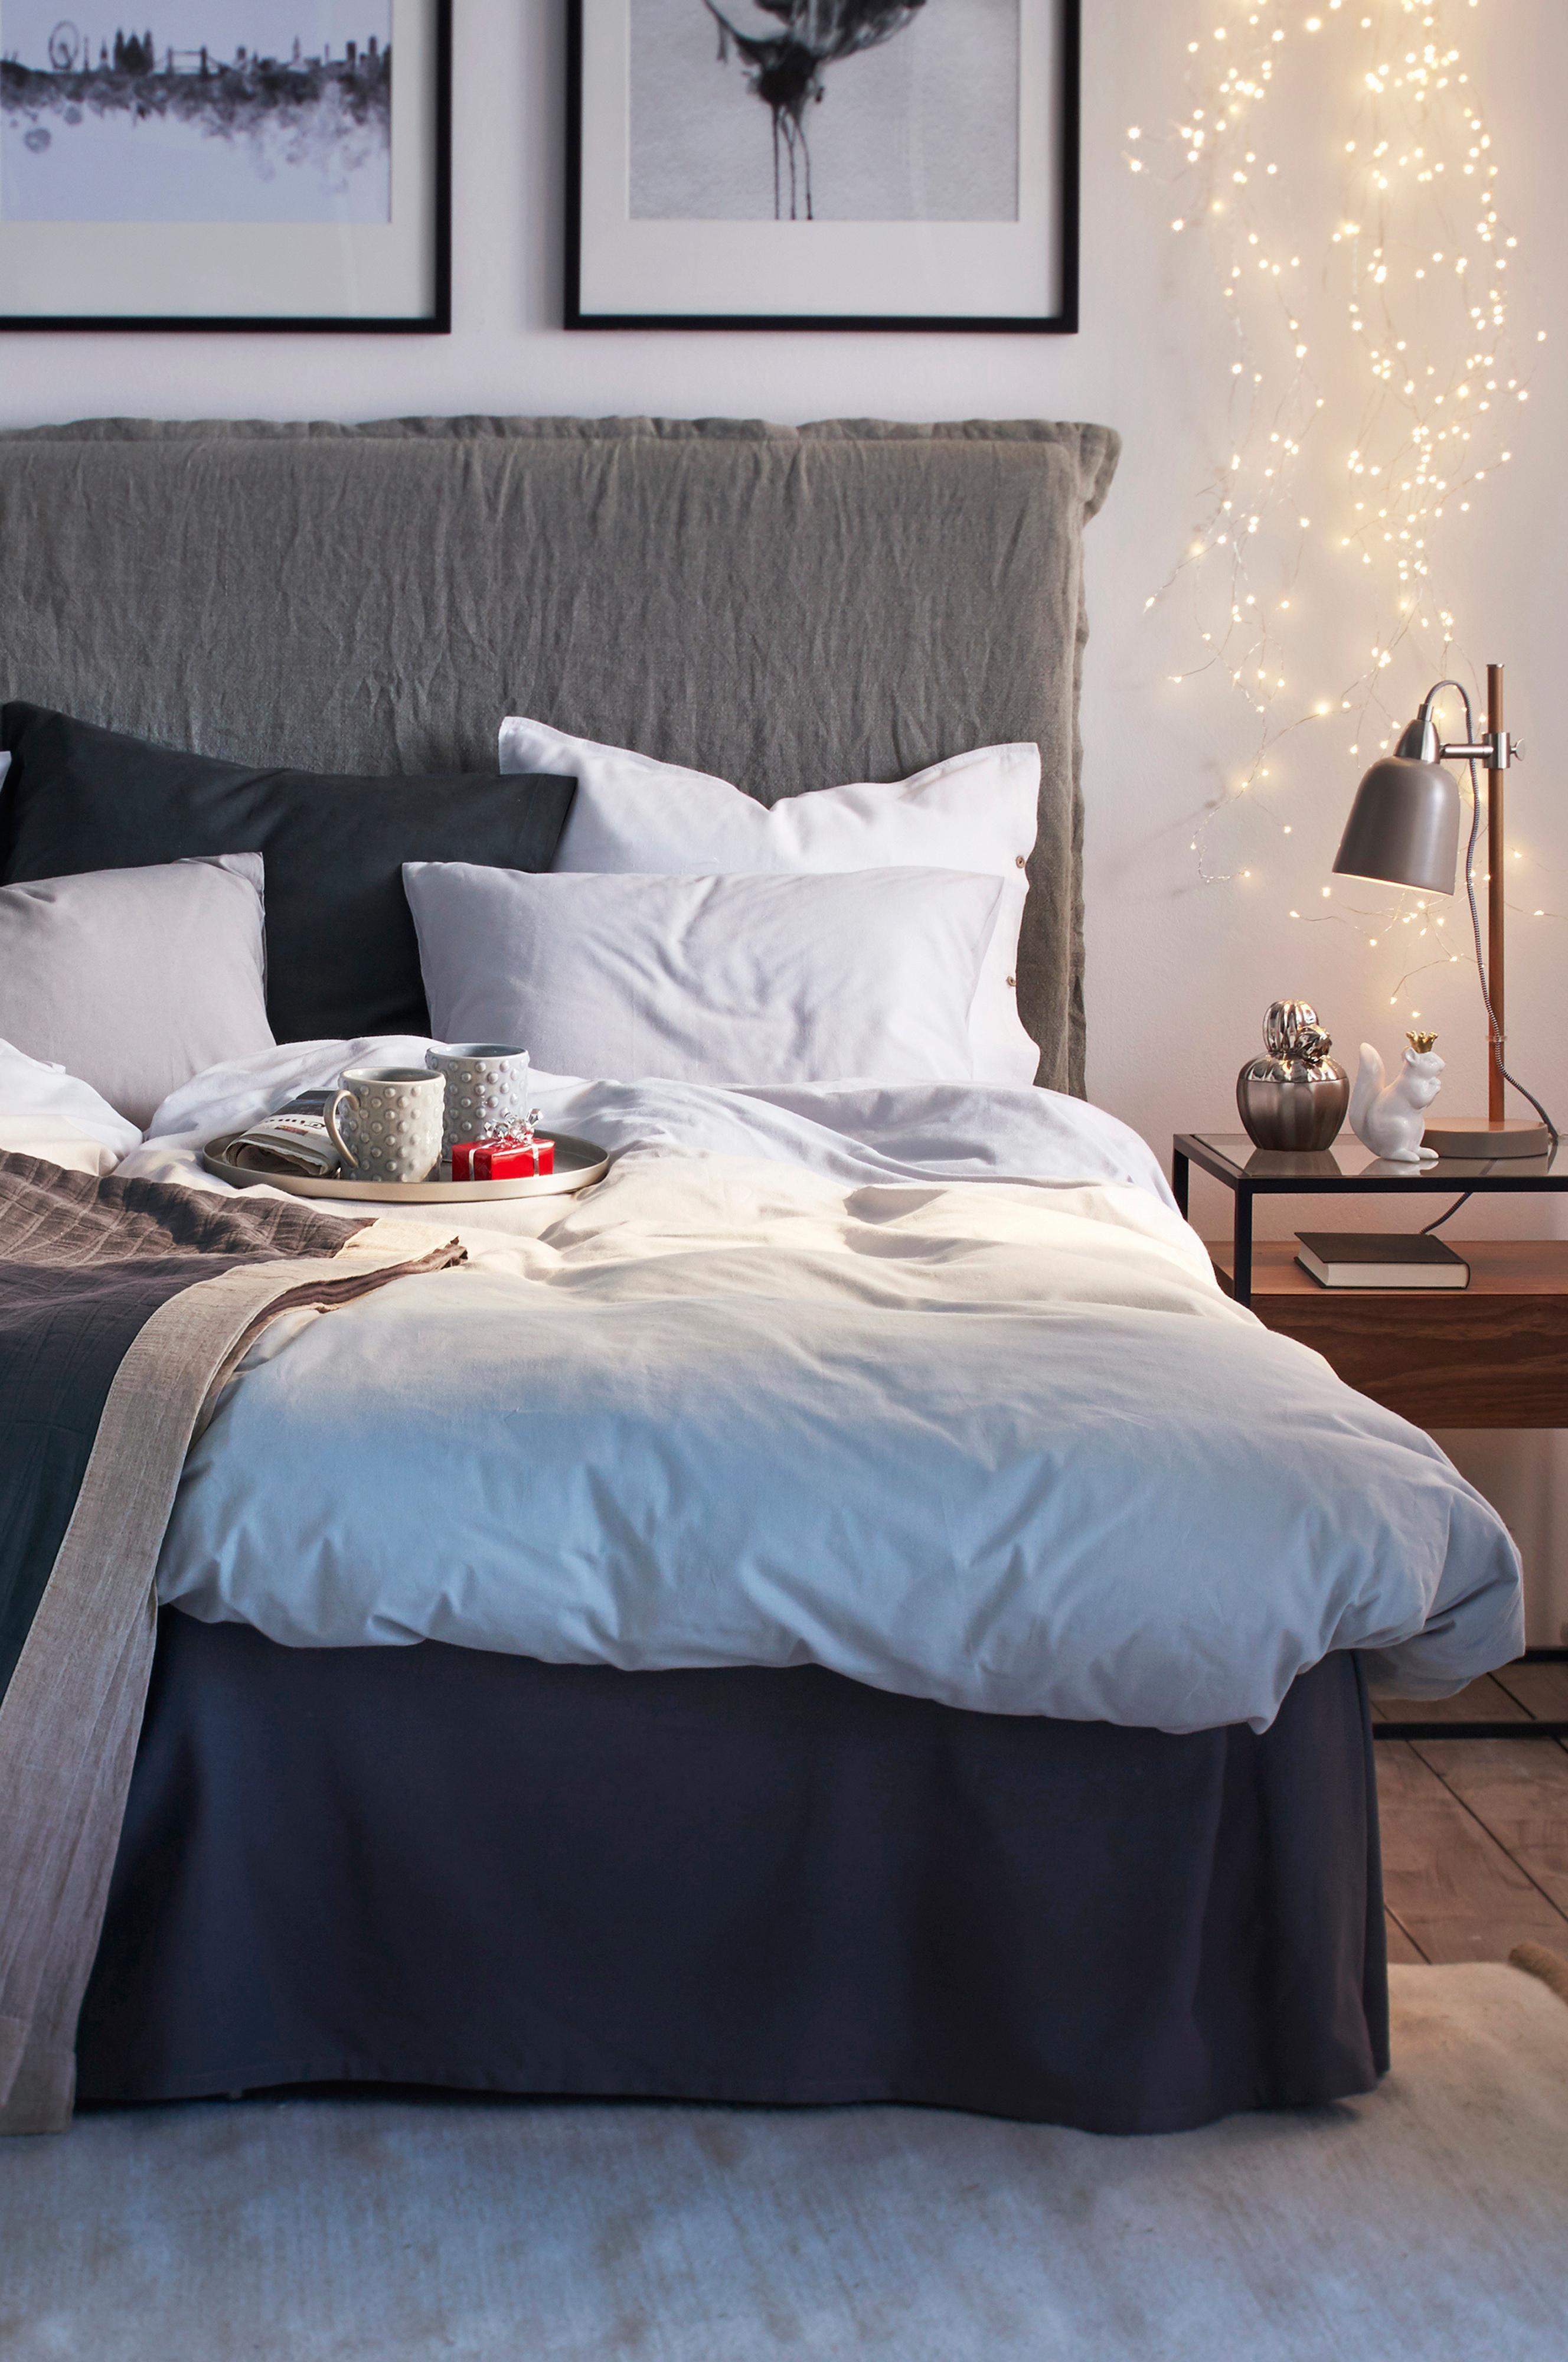 Small Romantic Master Bedroom Ideas: PALMA Sänggavel 180 Cm In 2019